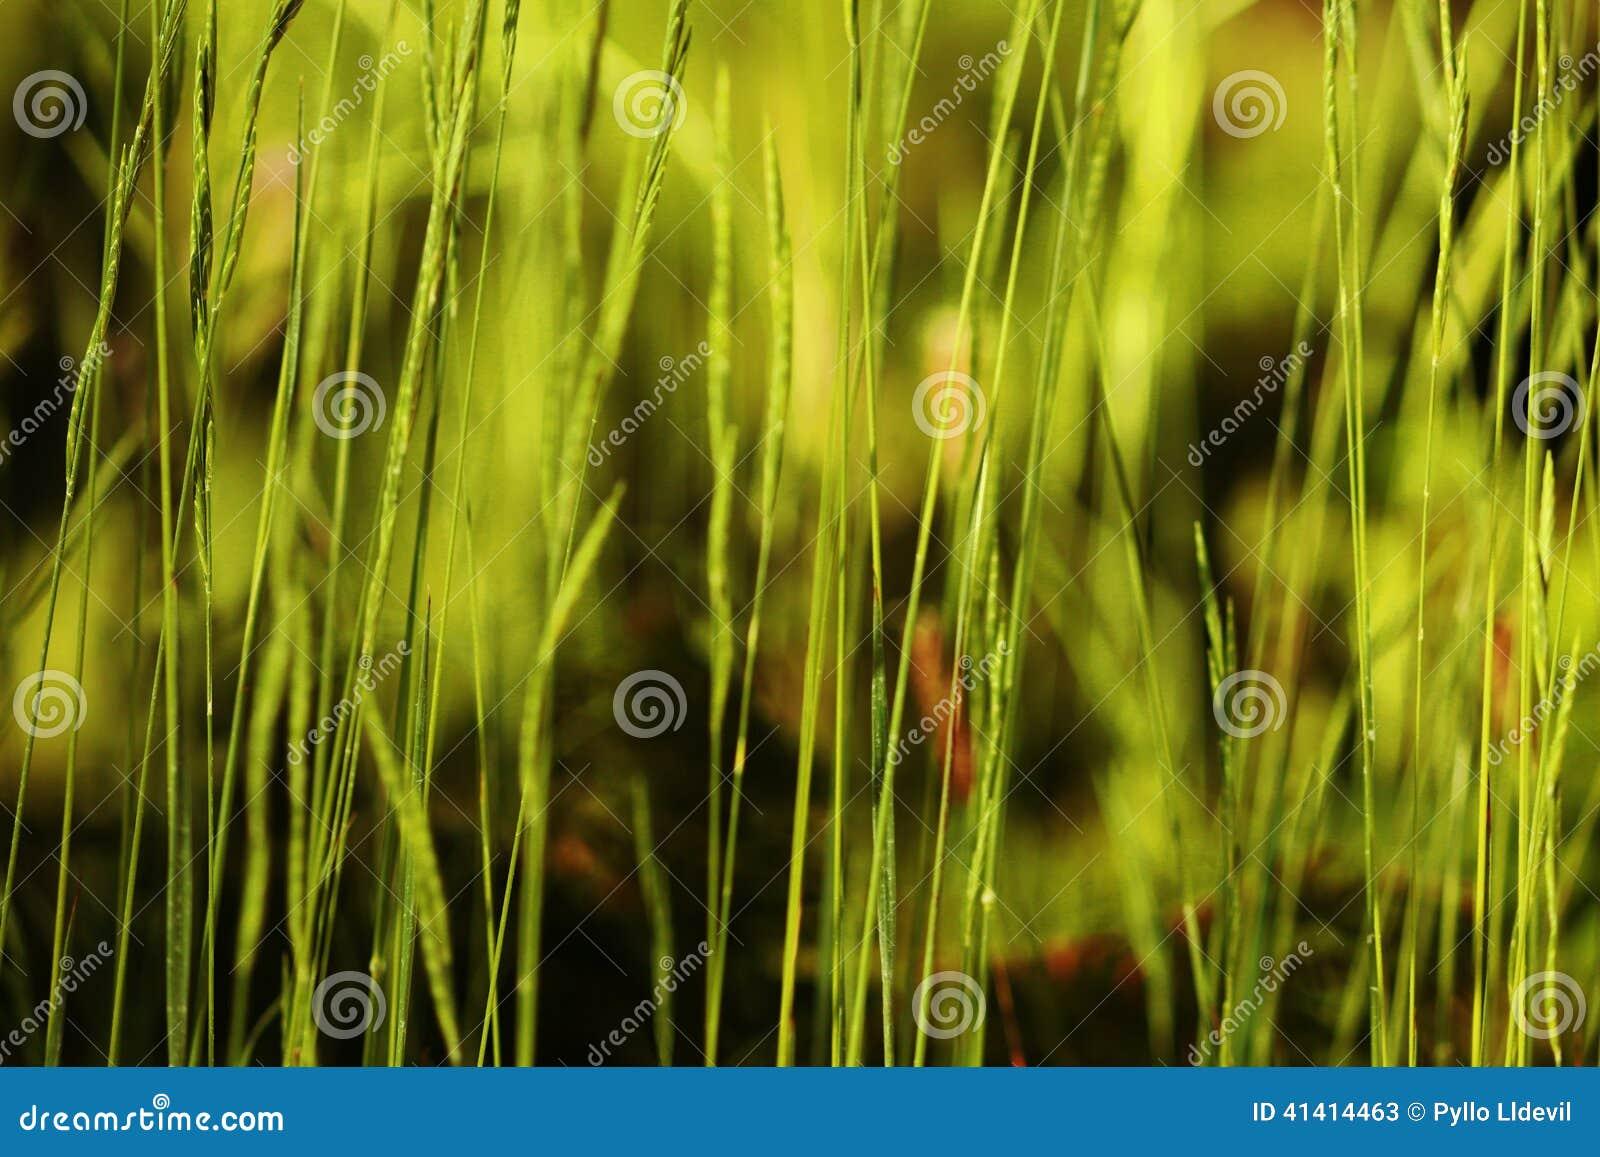 Green vegetation